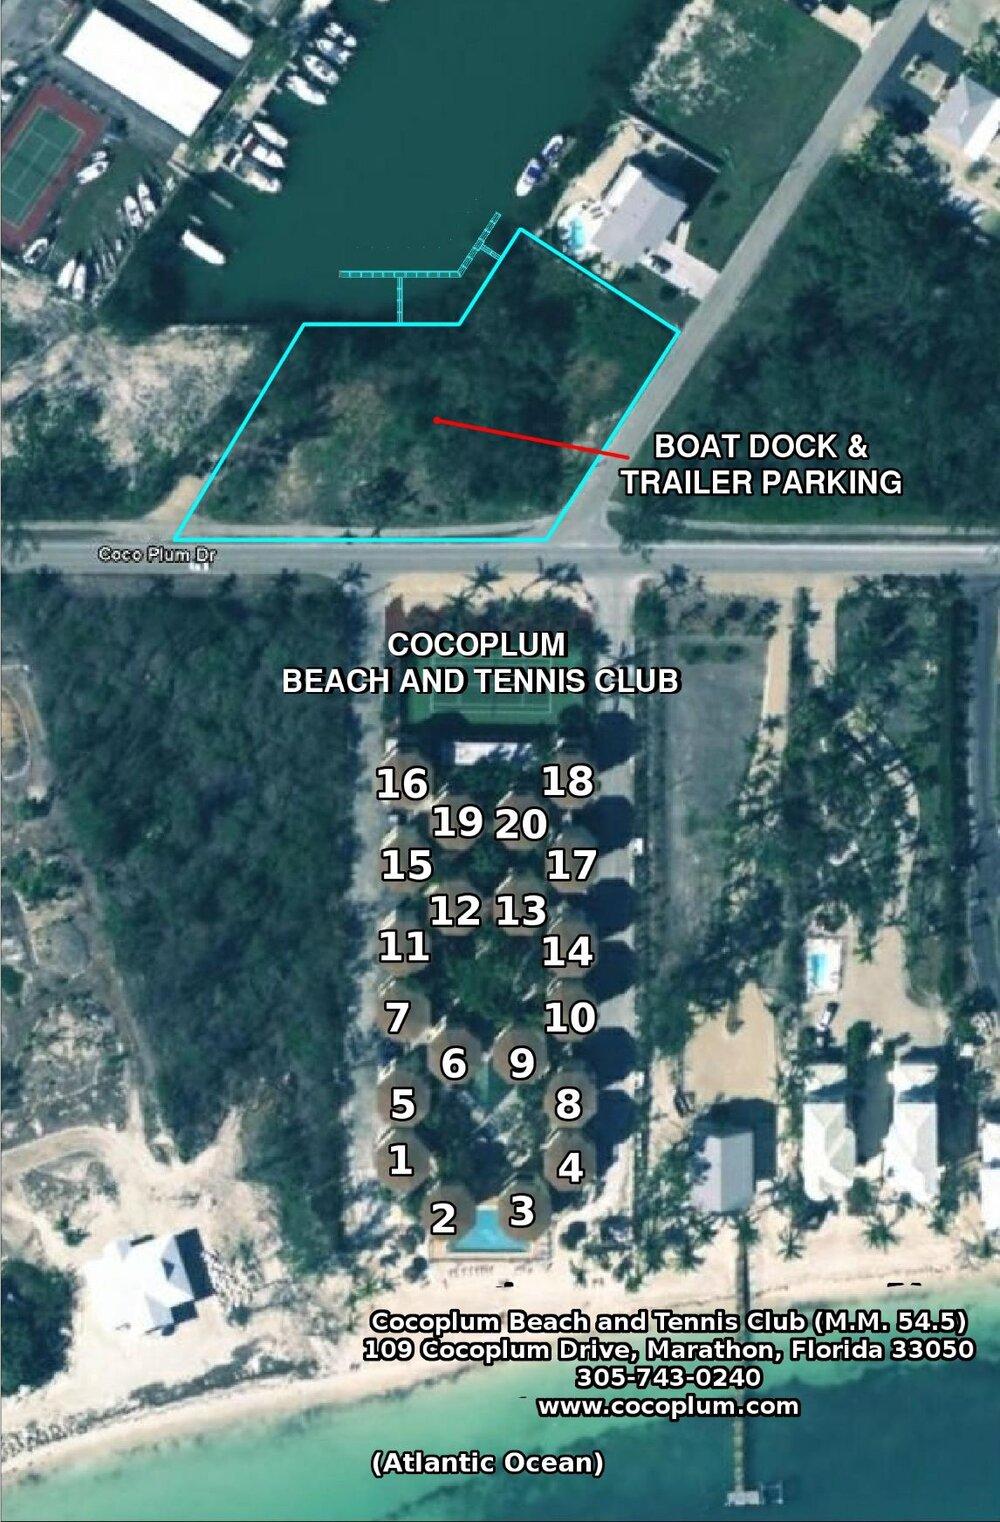 CocoPlum-Aerial-View-07-Large.jpg